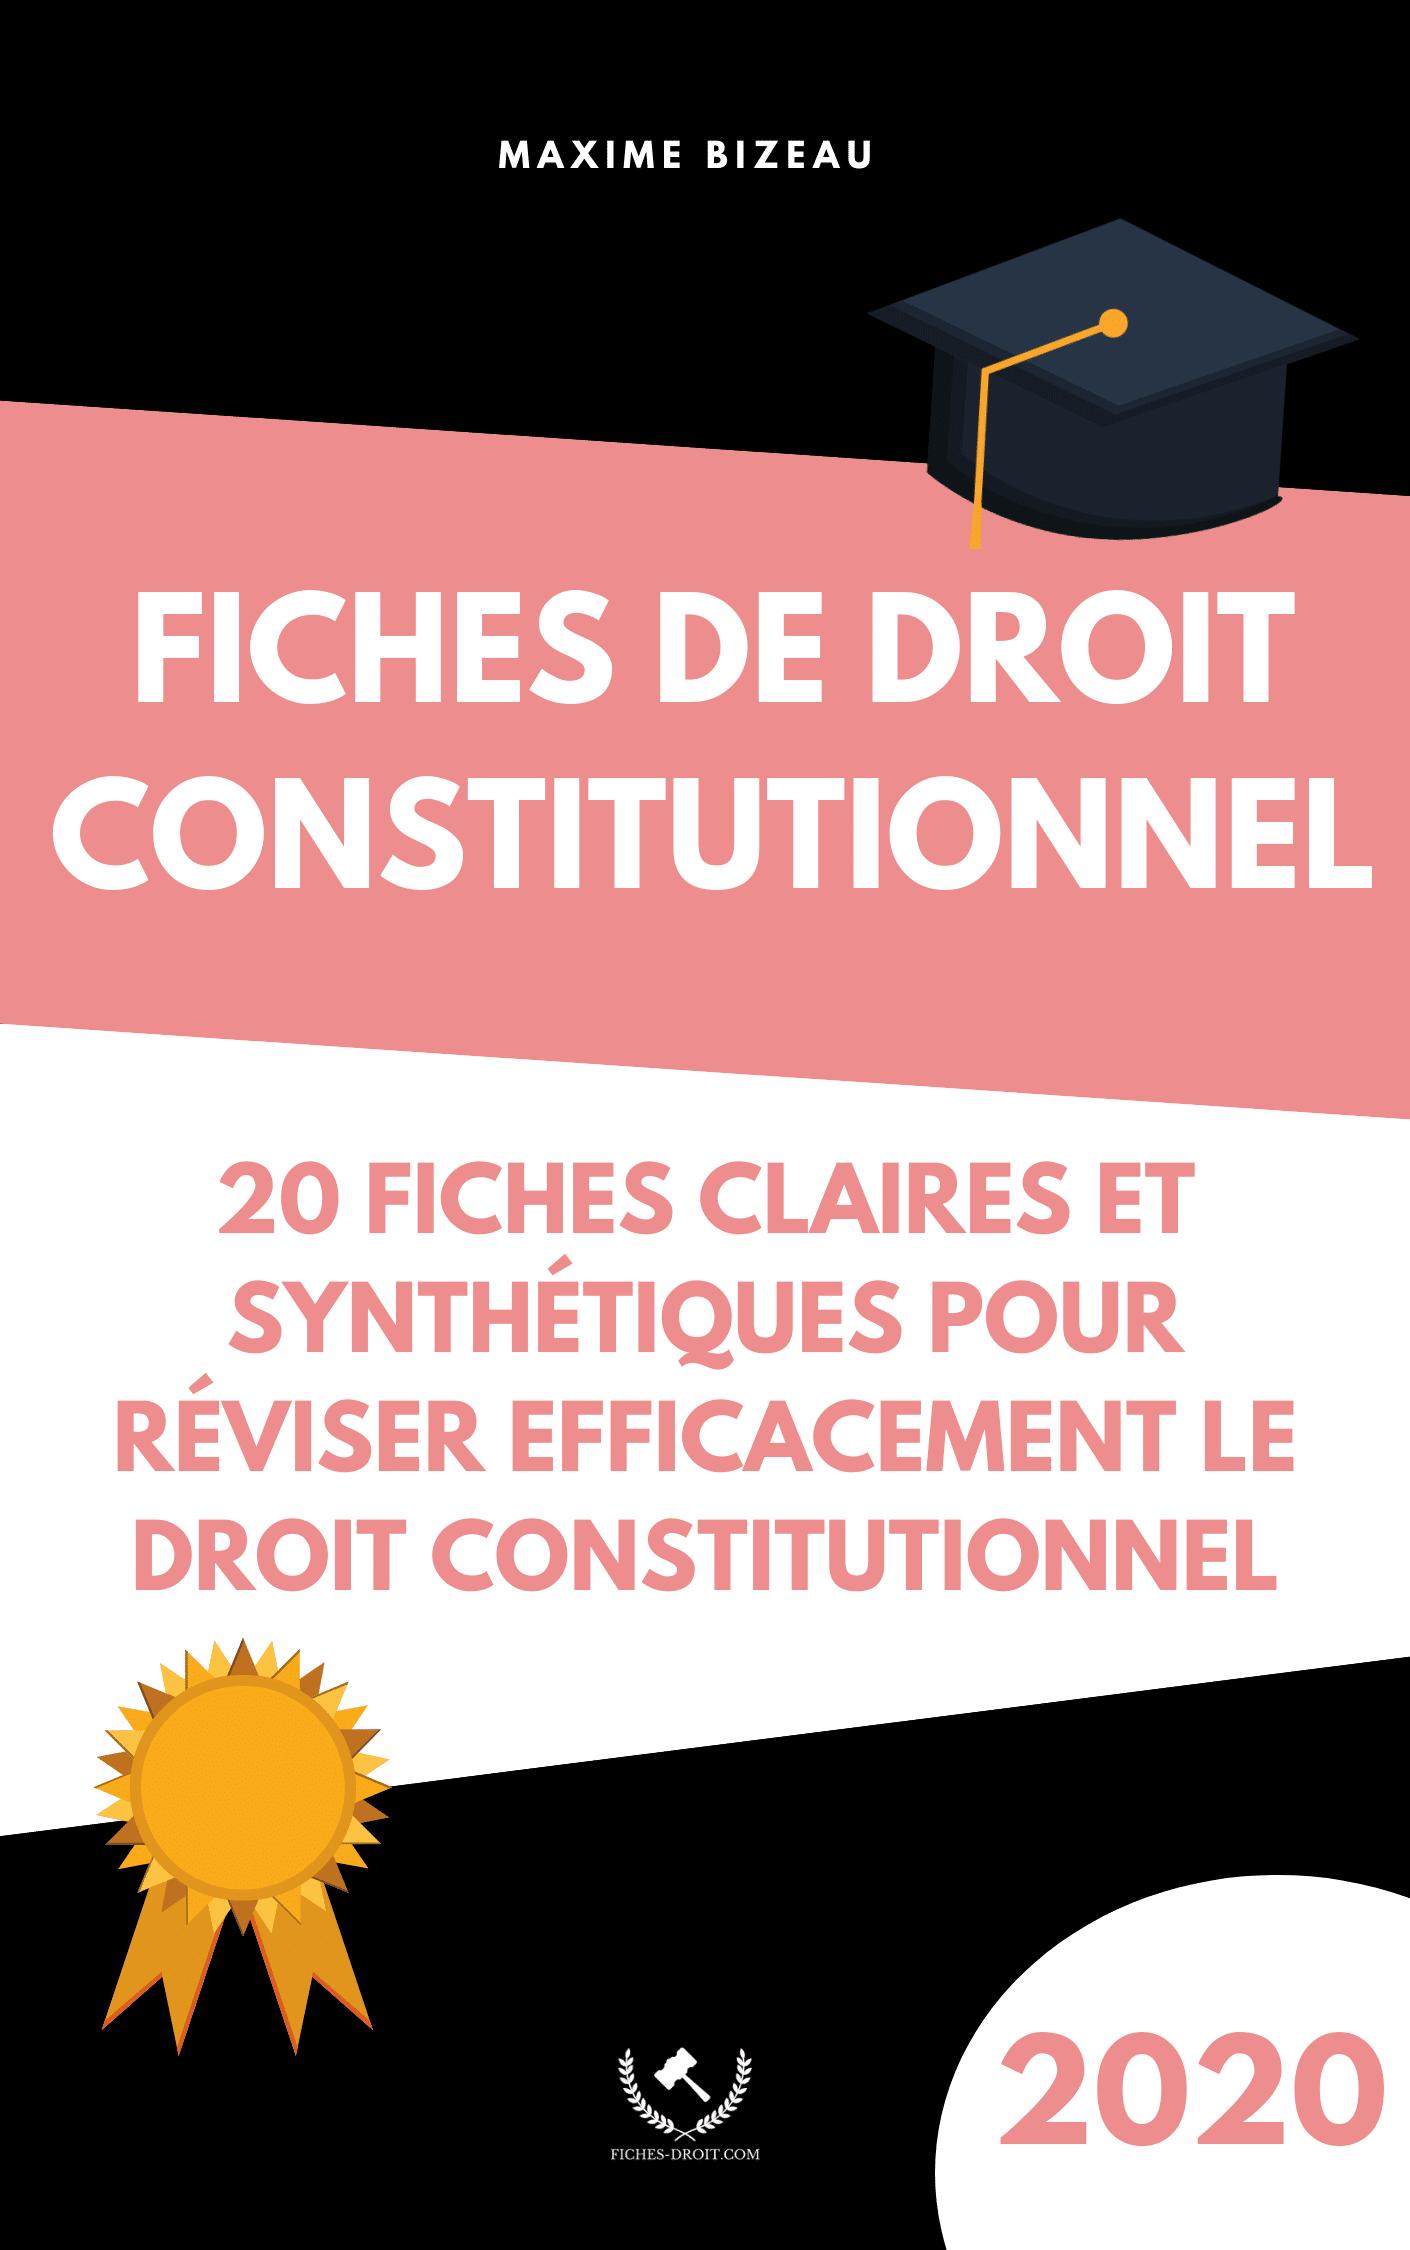 Couverture 2020 - Fiches de droit constitutionnel